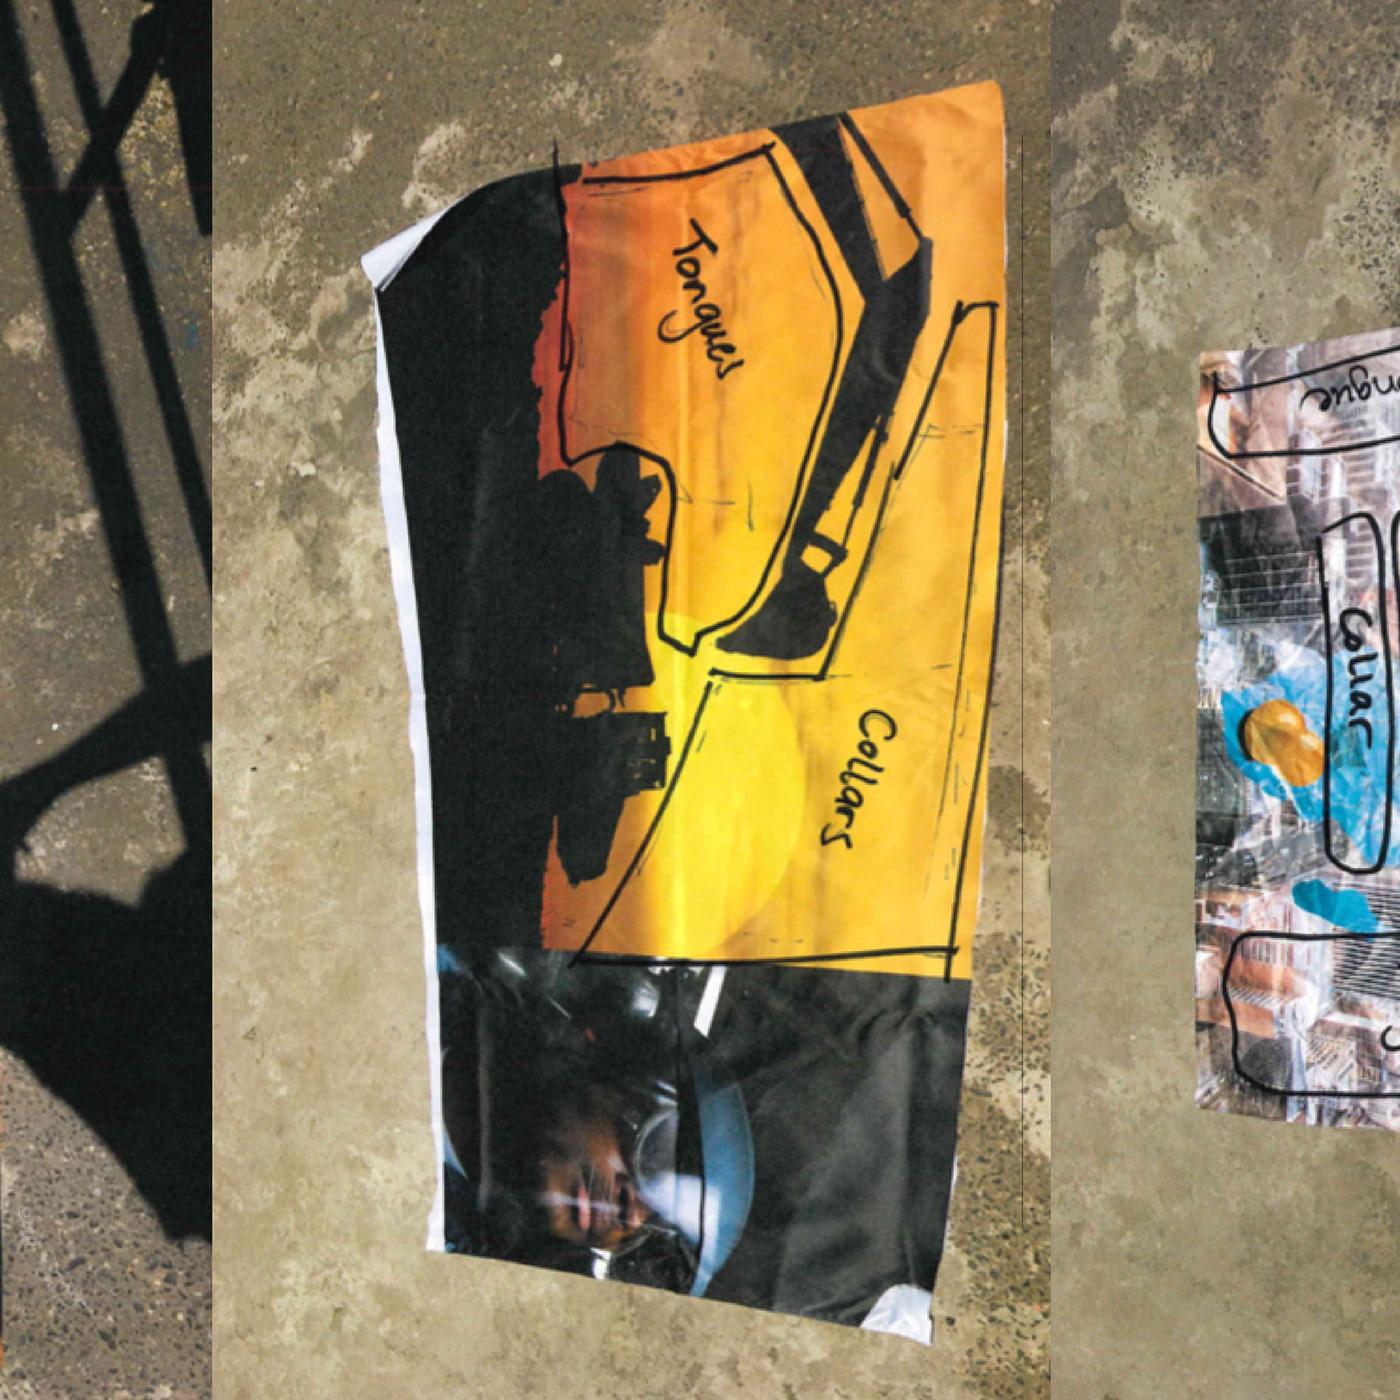 Image may contain: drawing, painting and graffiti